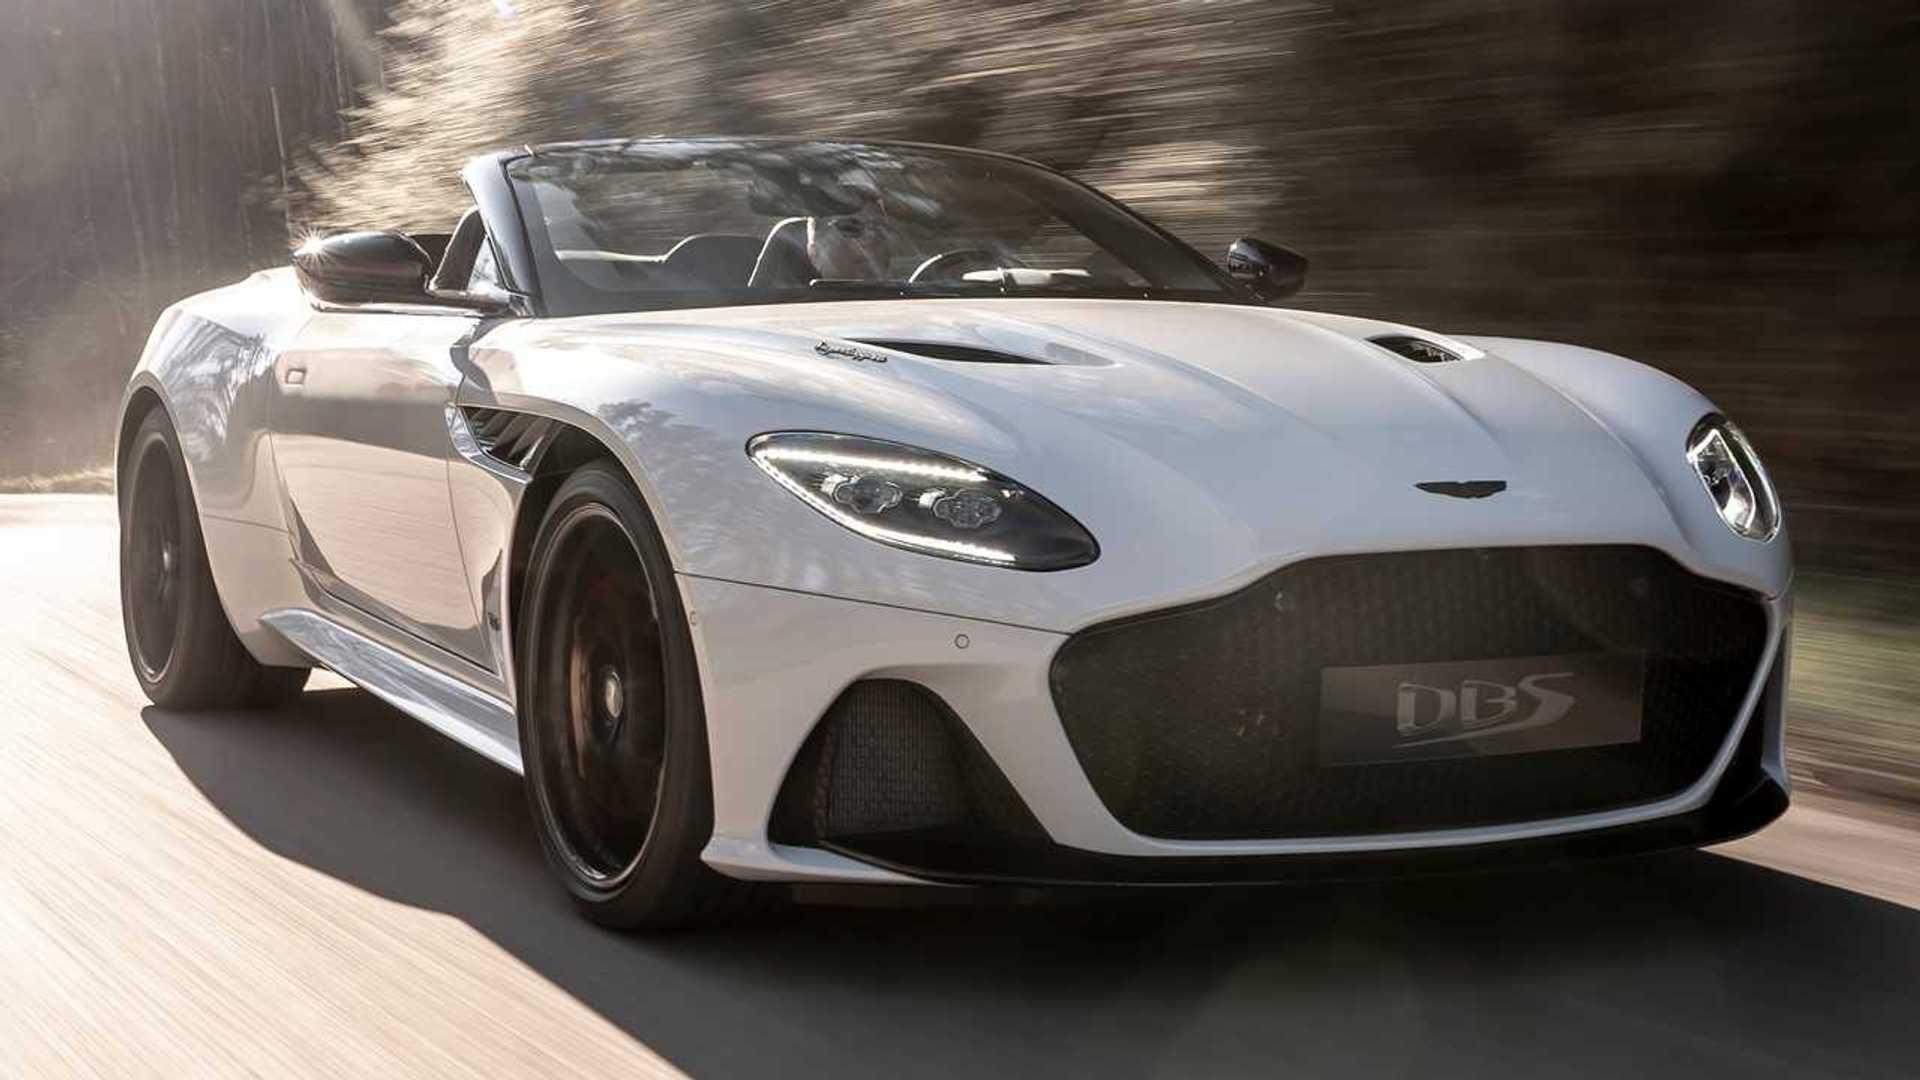 Aston Martin Dbs Superleggera Volante Debuts As V12 Droptop